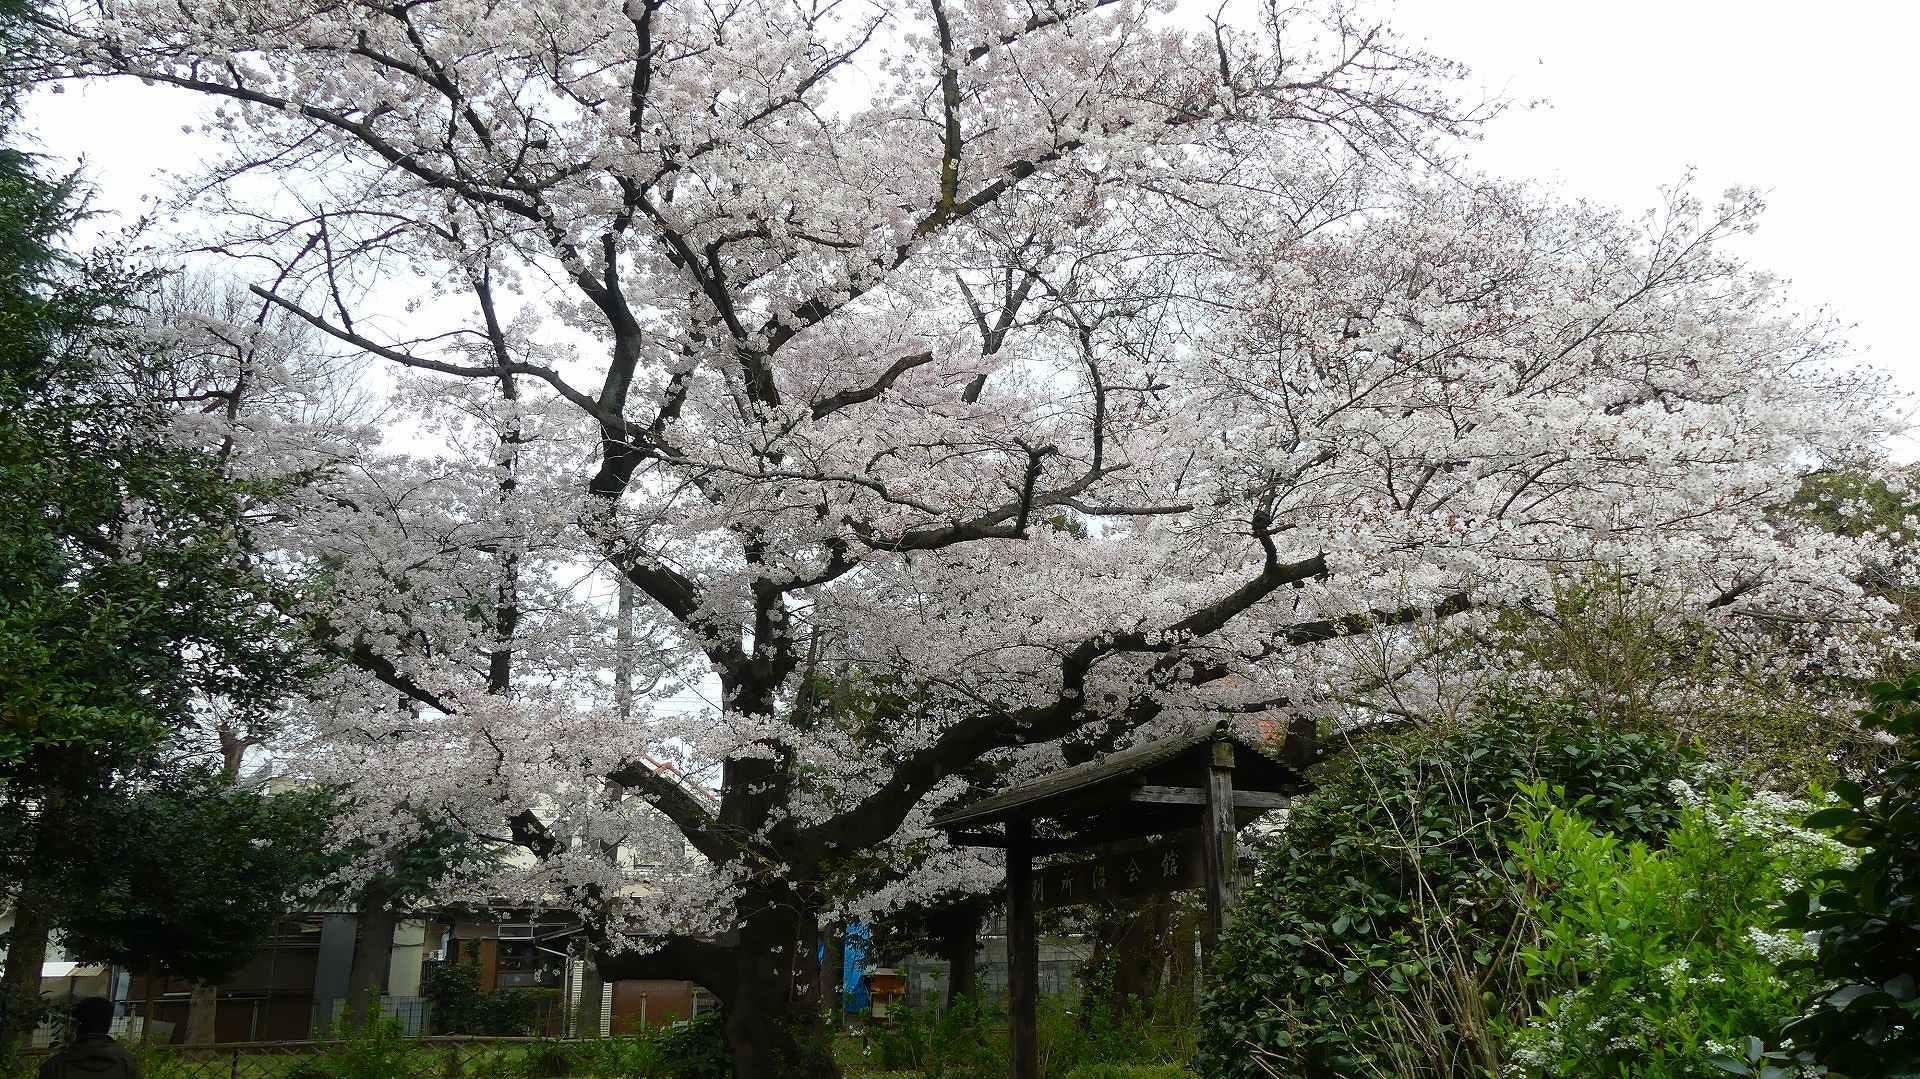 最後の花見だ! ア・ゴー! 【 2020 3/27(金)  】_a0185081_13374768.jpg